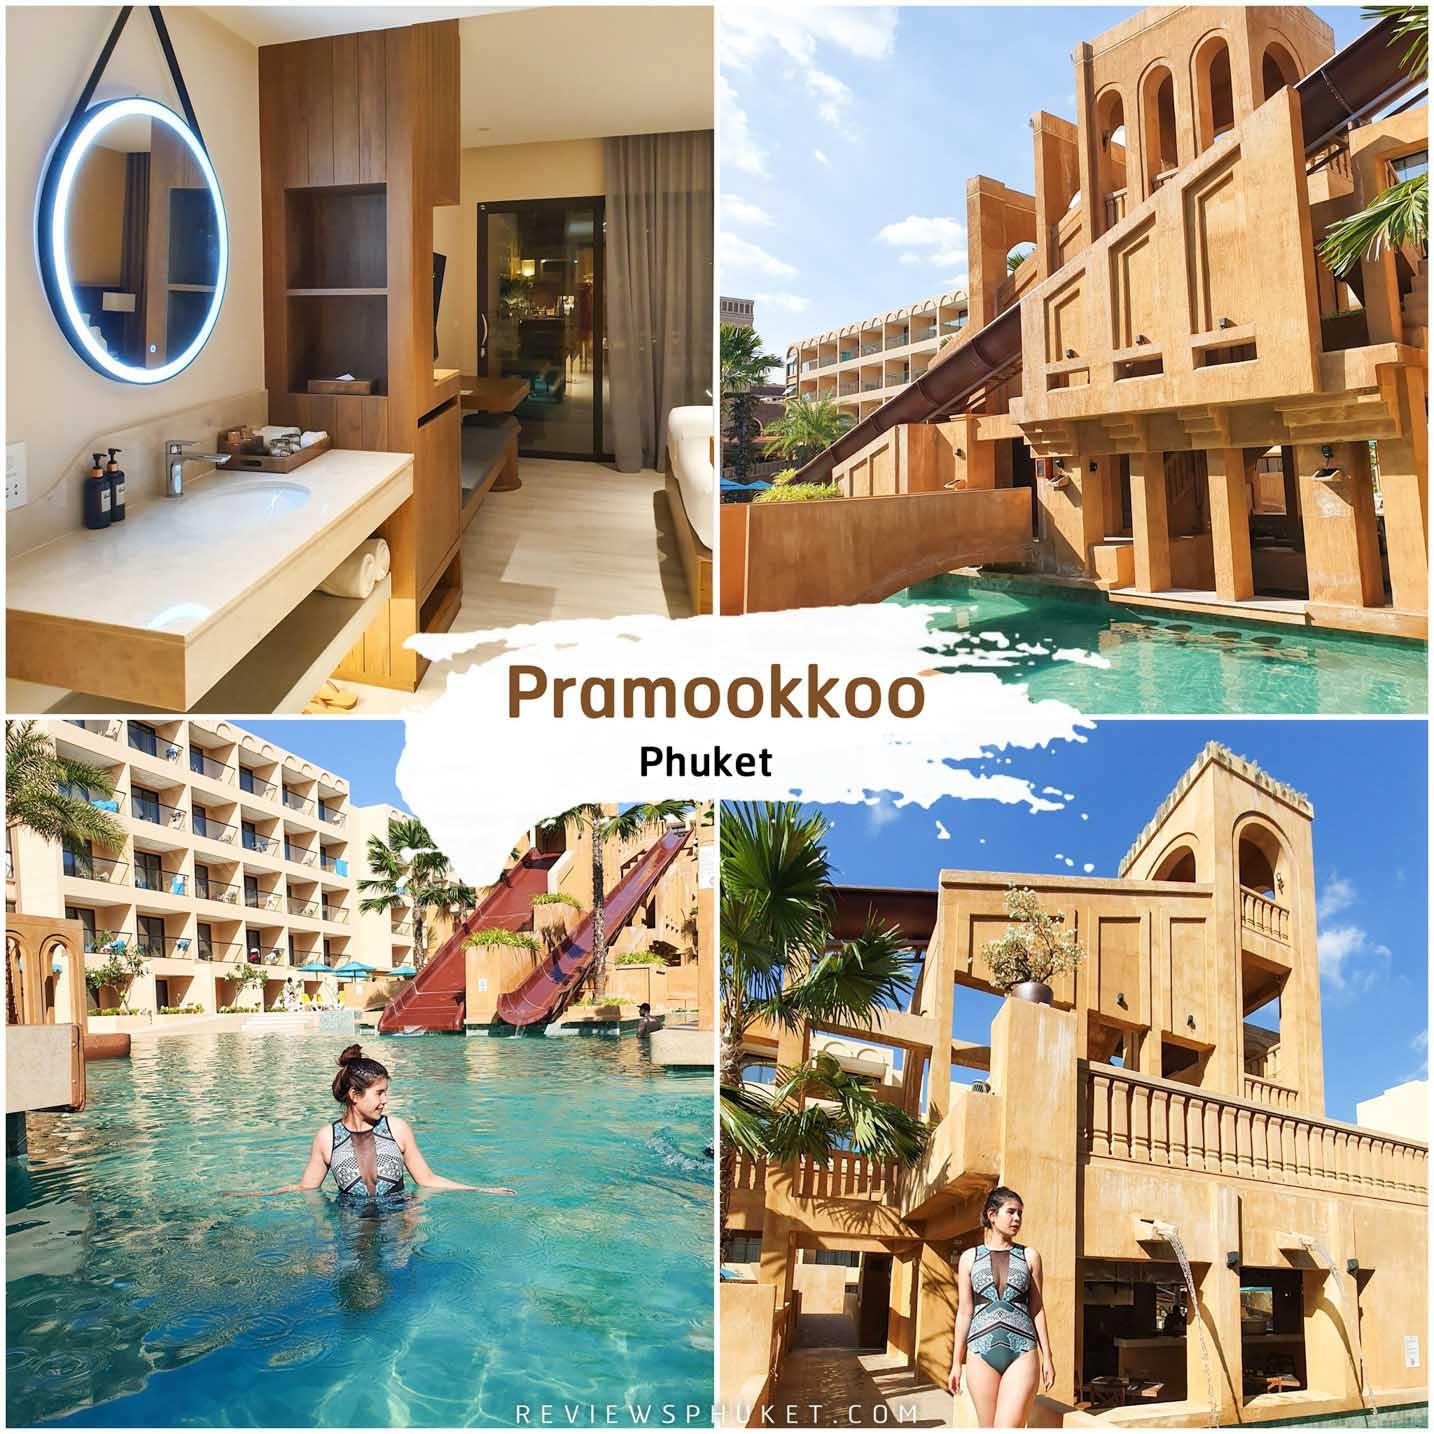 ประมุกโก้ รีสอร์ท Pamookkoo Resort ที่พักภูเก็ตสุดสวยกว้างใหญ่ด้วยสถาปัตยกรรมแนวเมโสโปเตเมีย